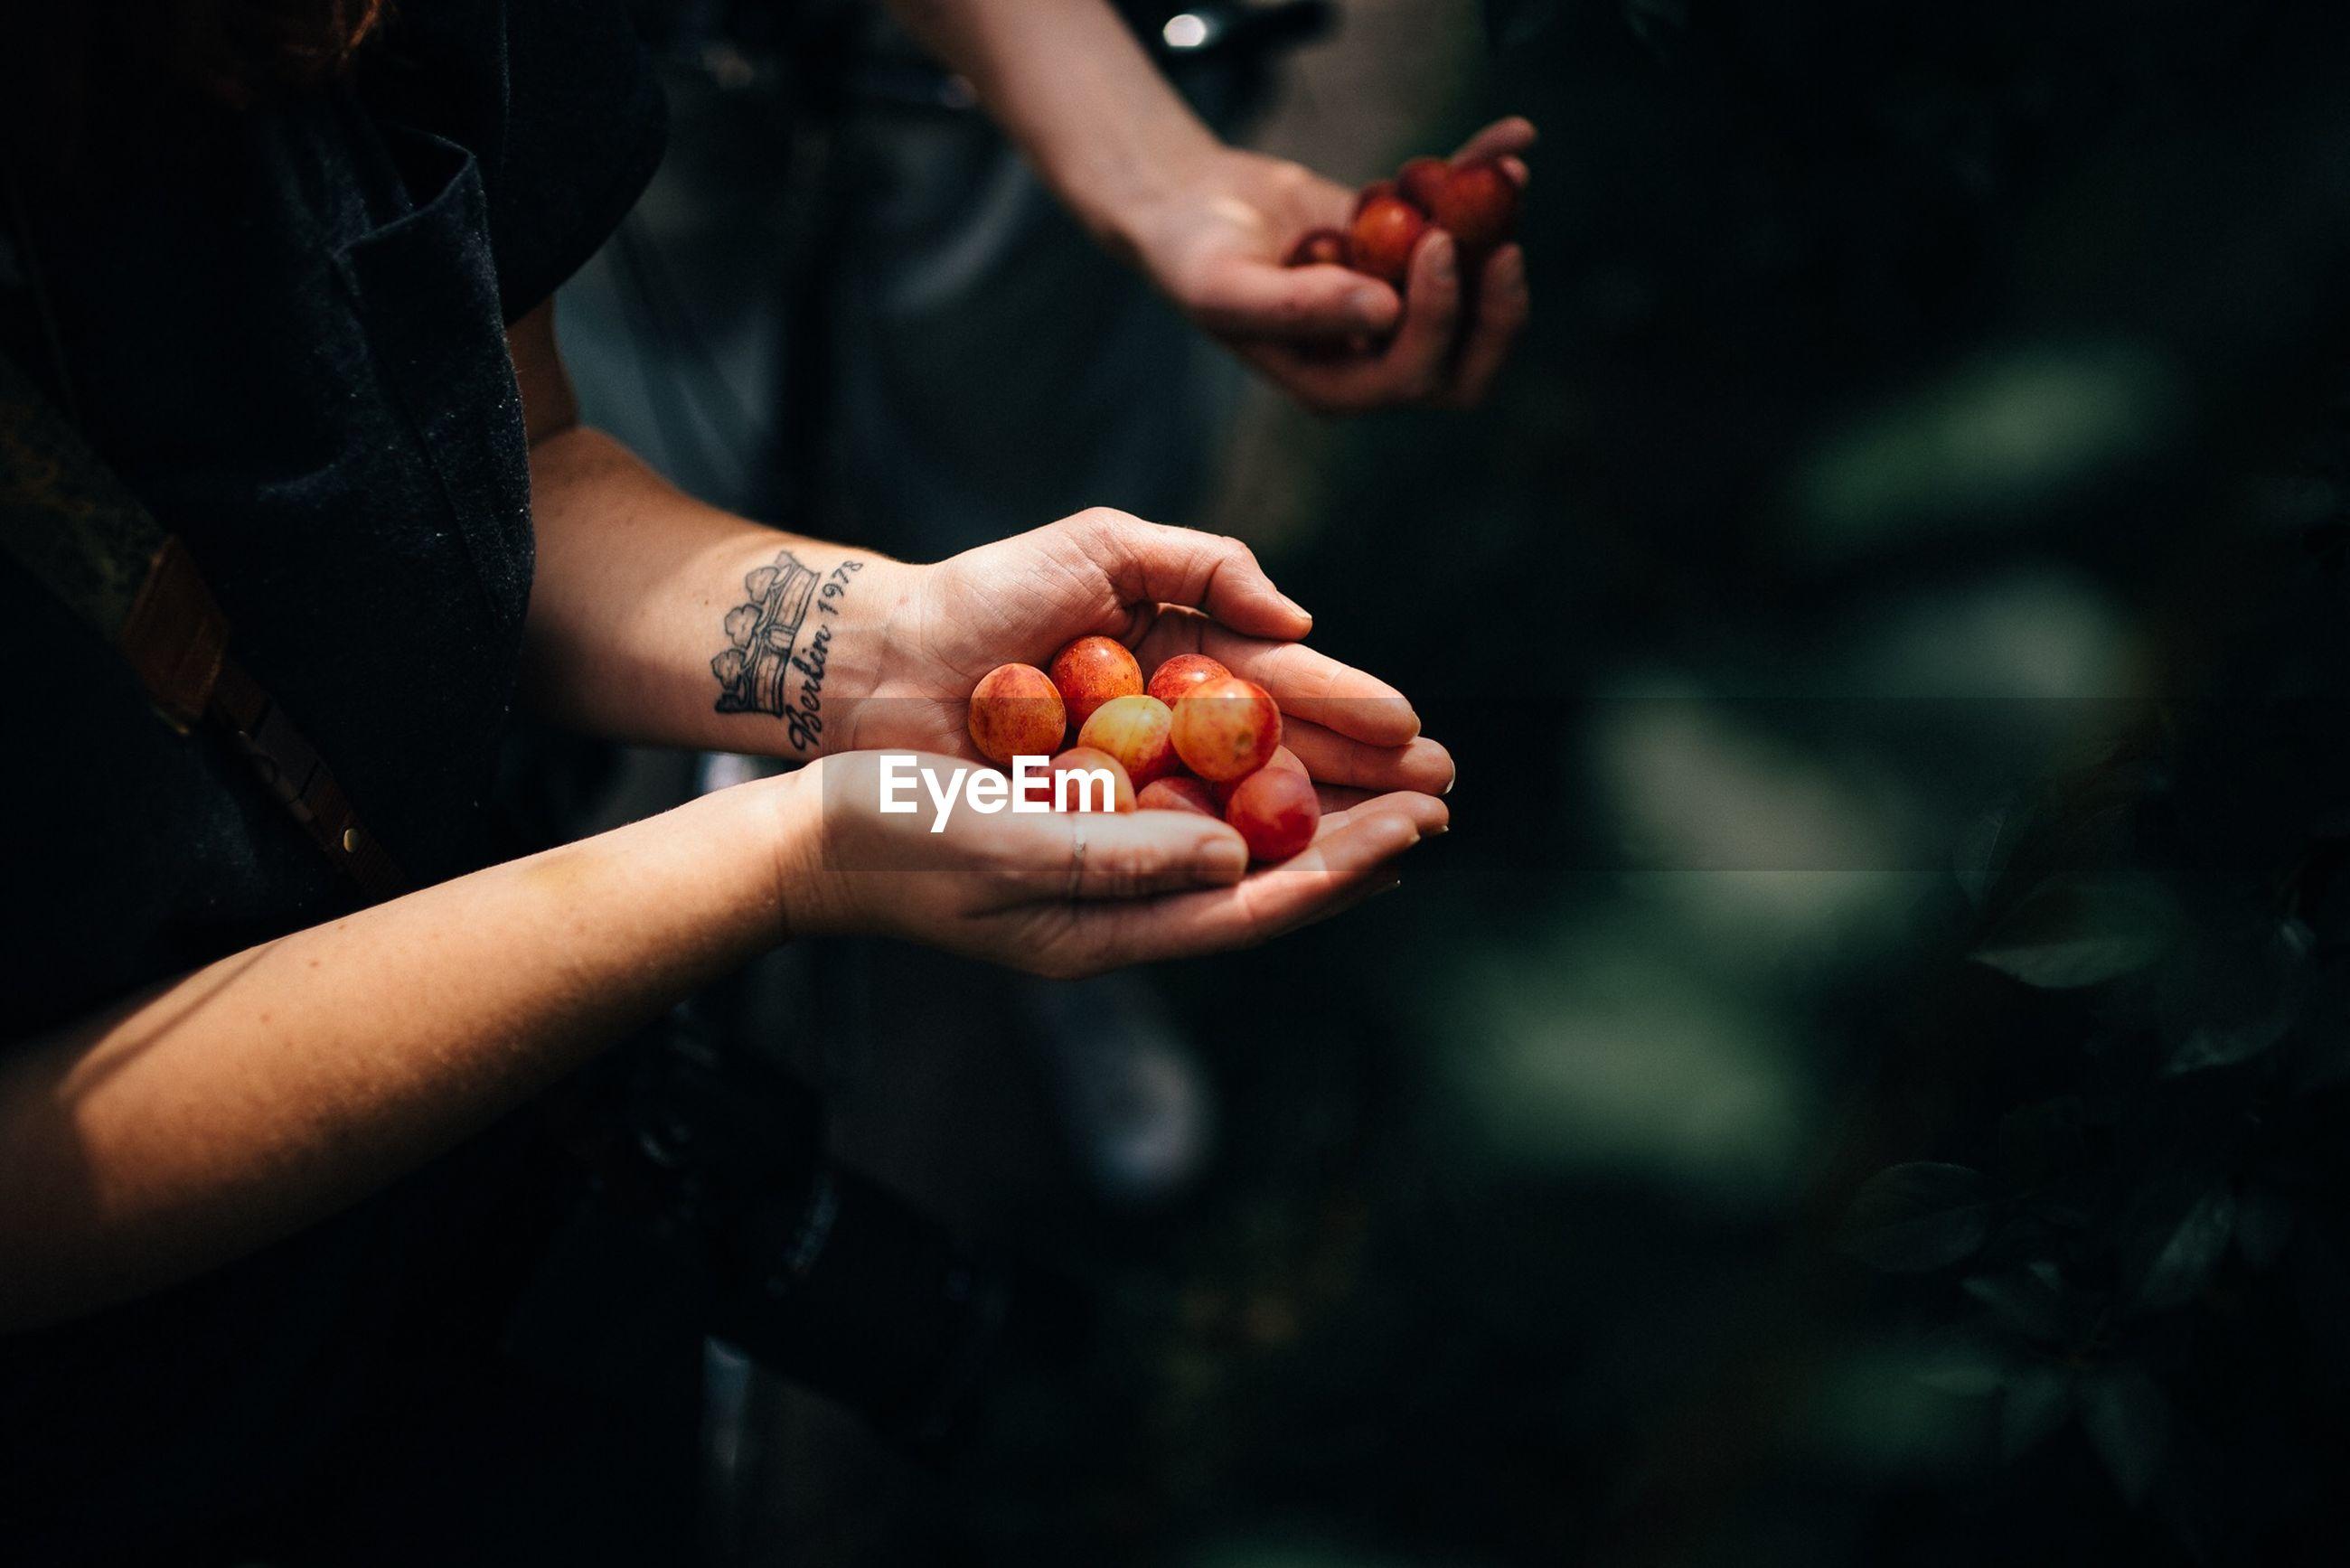 CROPPED IMAGE OF MAN HOLDING FRUIT